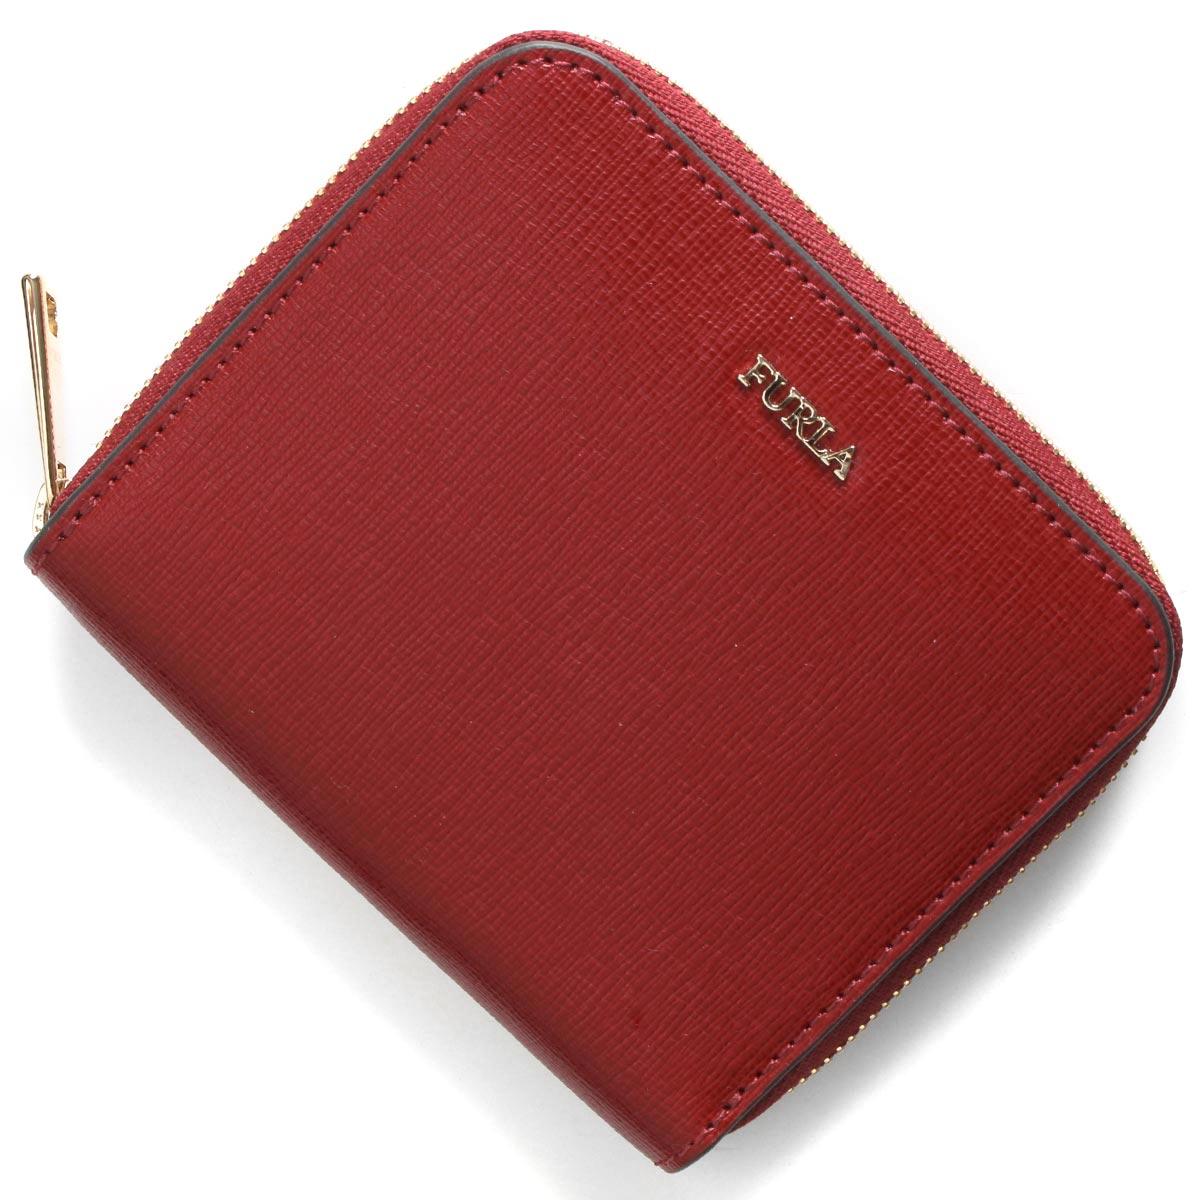 フルラ 二つ折り財布 財布 レディース バビロン スモール チリエージャレッド PR84 B30 CGQ 979026 FURLA